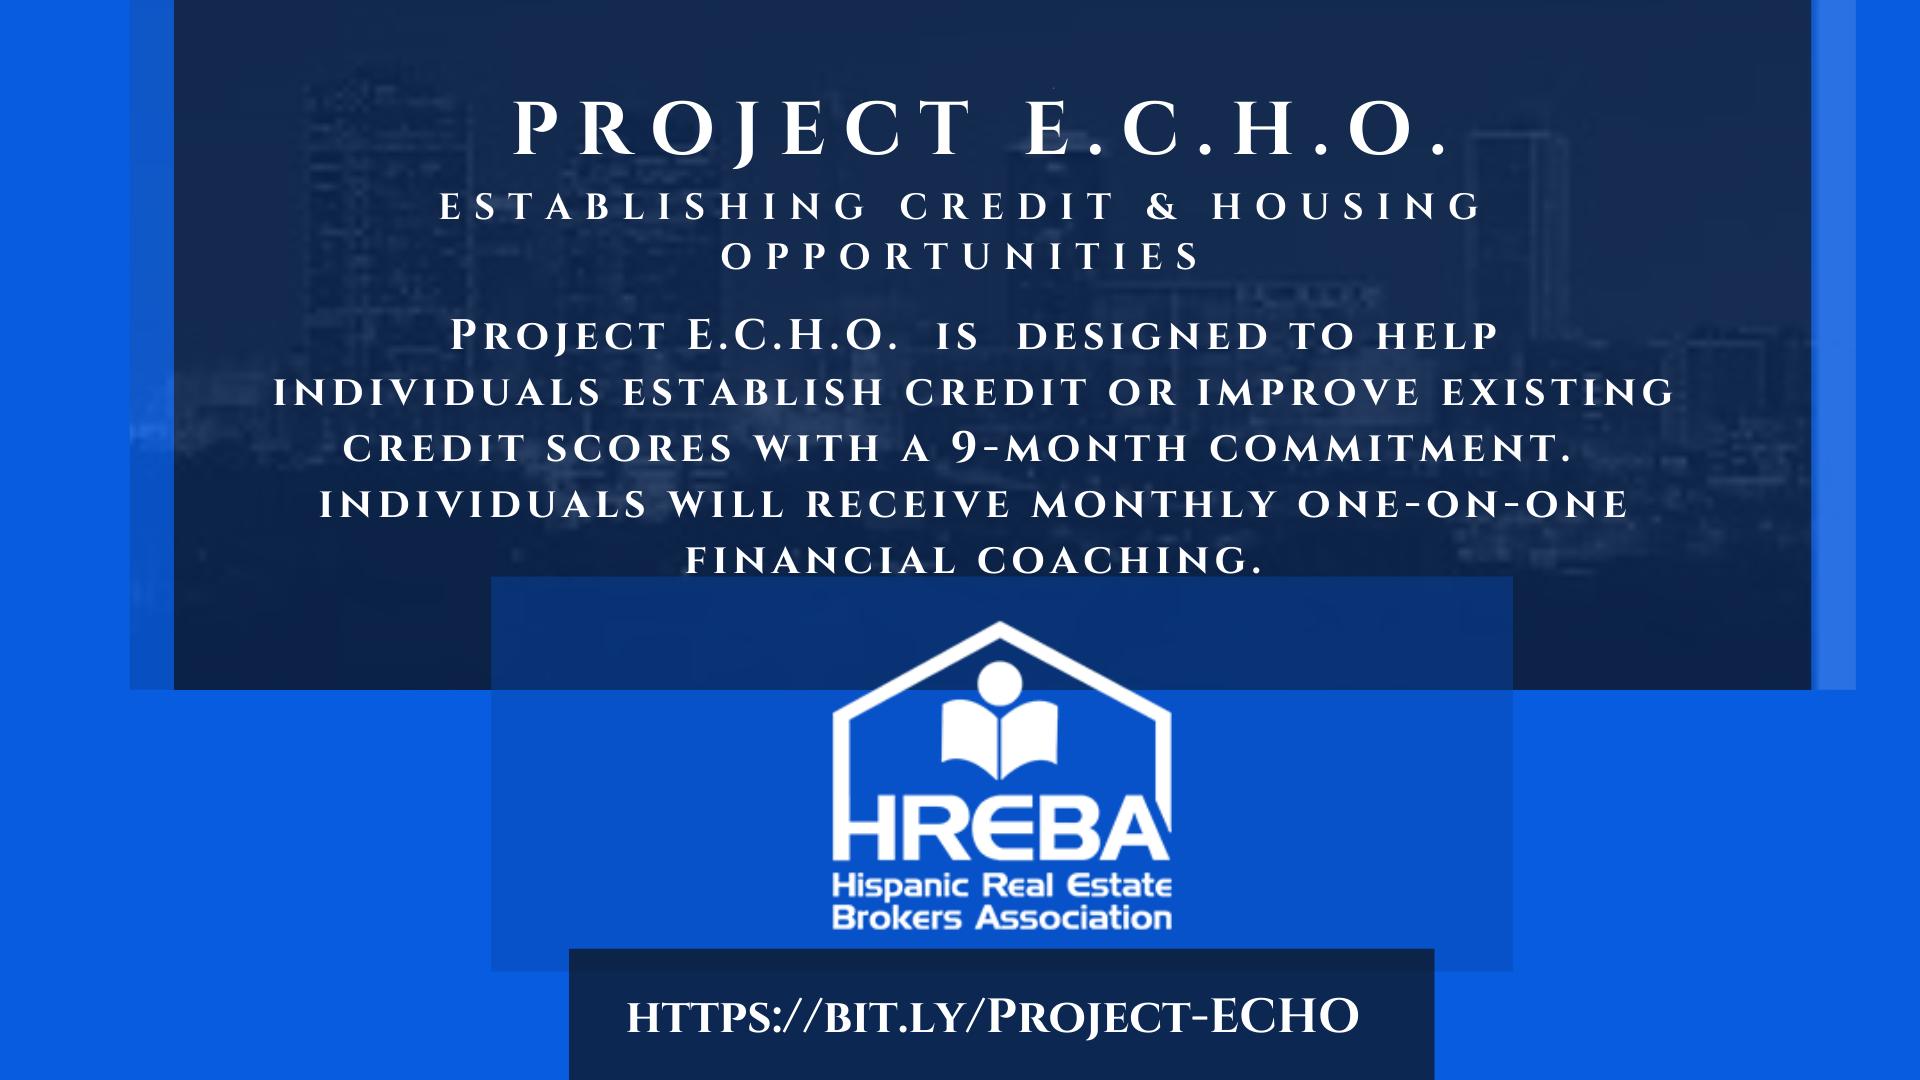 Project E.C.H.O.